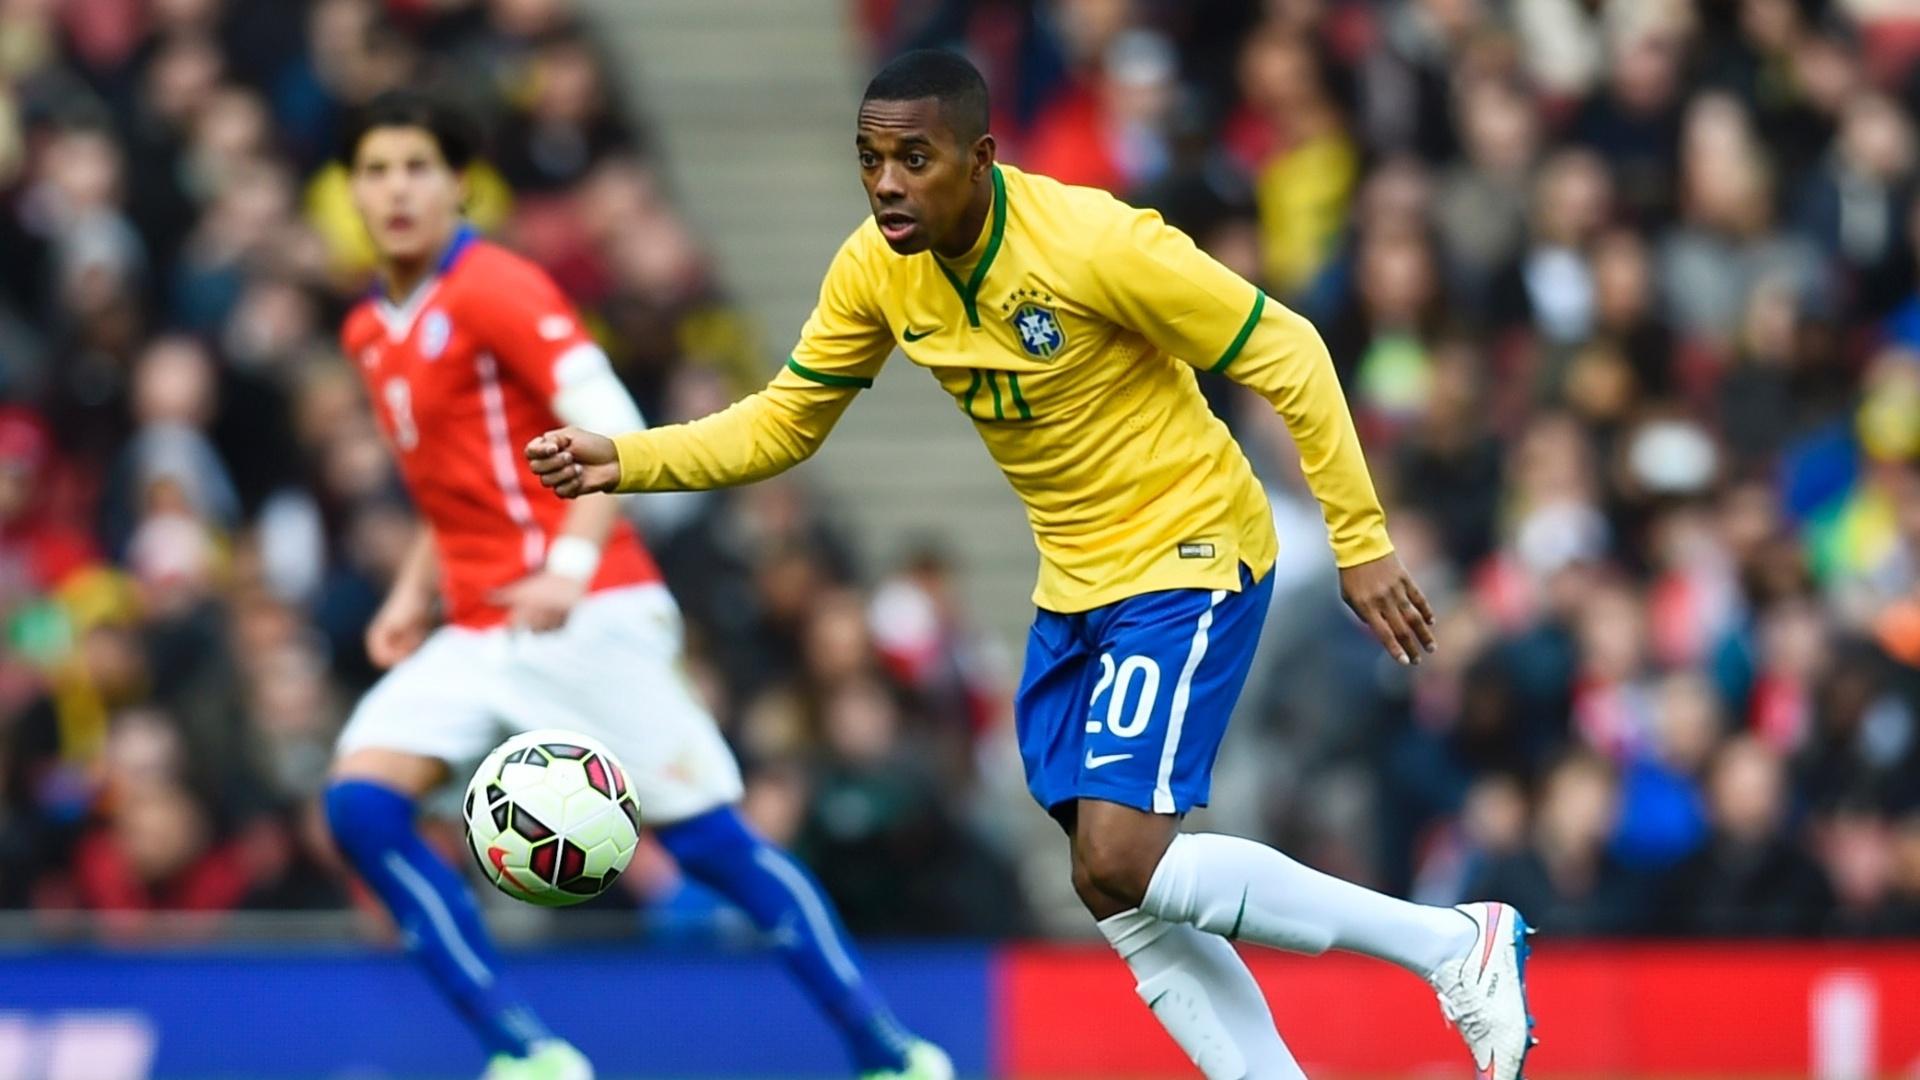 29.mar.2015 - Robinho conduz a bola durante amistoso contra o Chile no Emirates Stadium